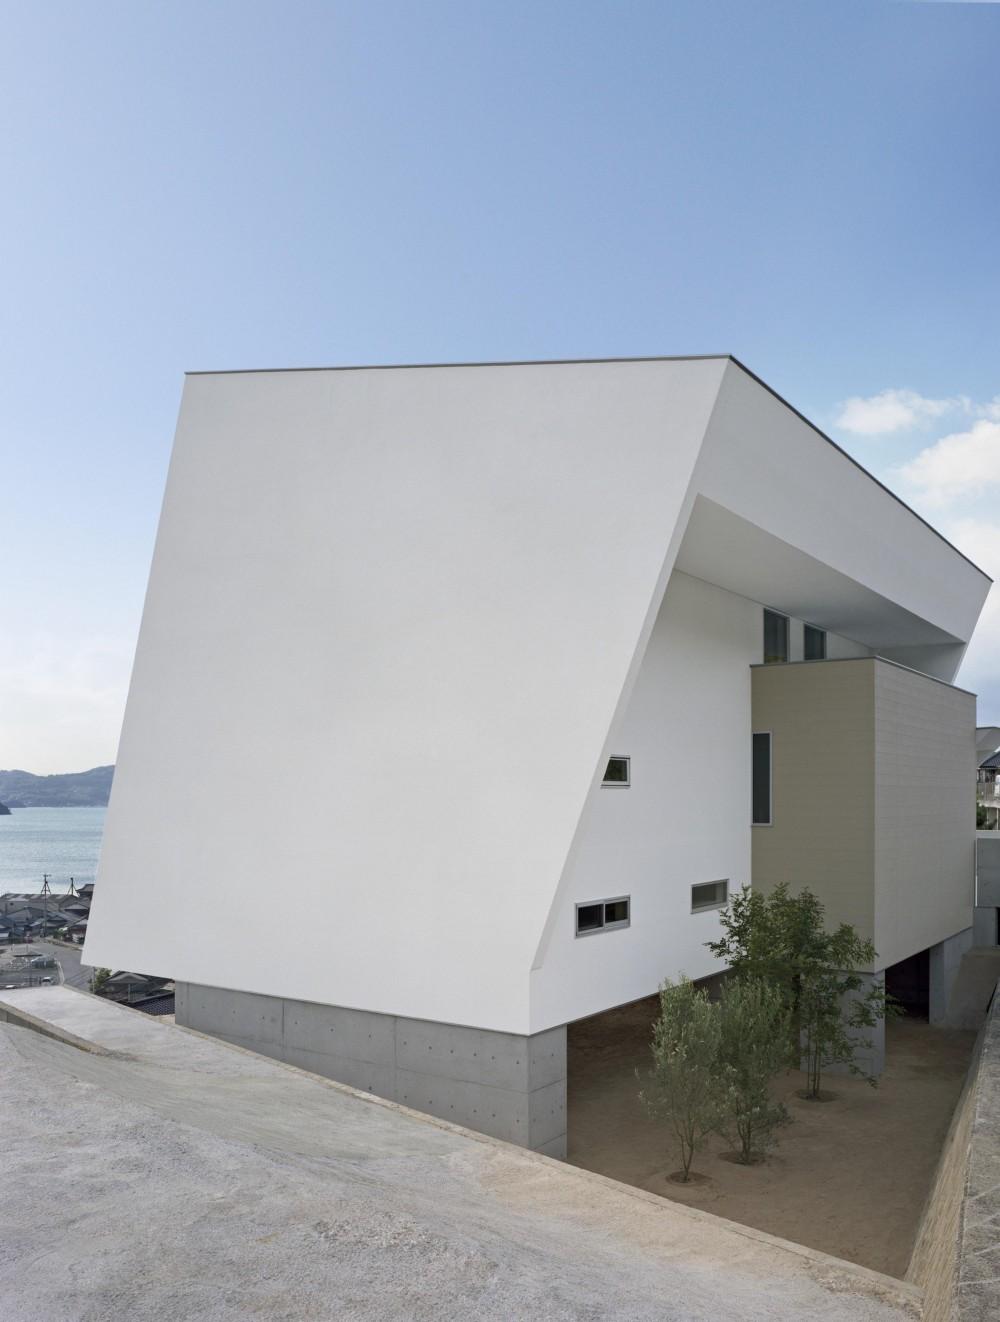 佐藤正彦「I-house「水平線の家」」